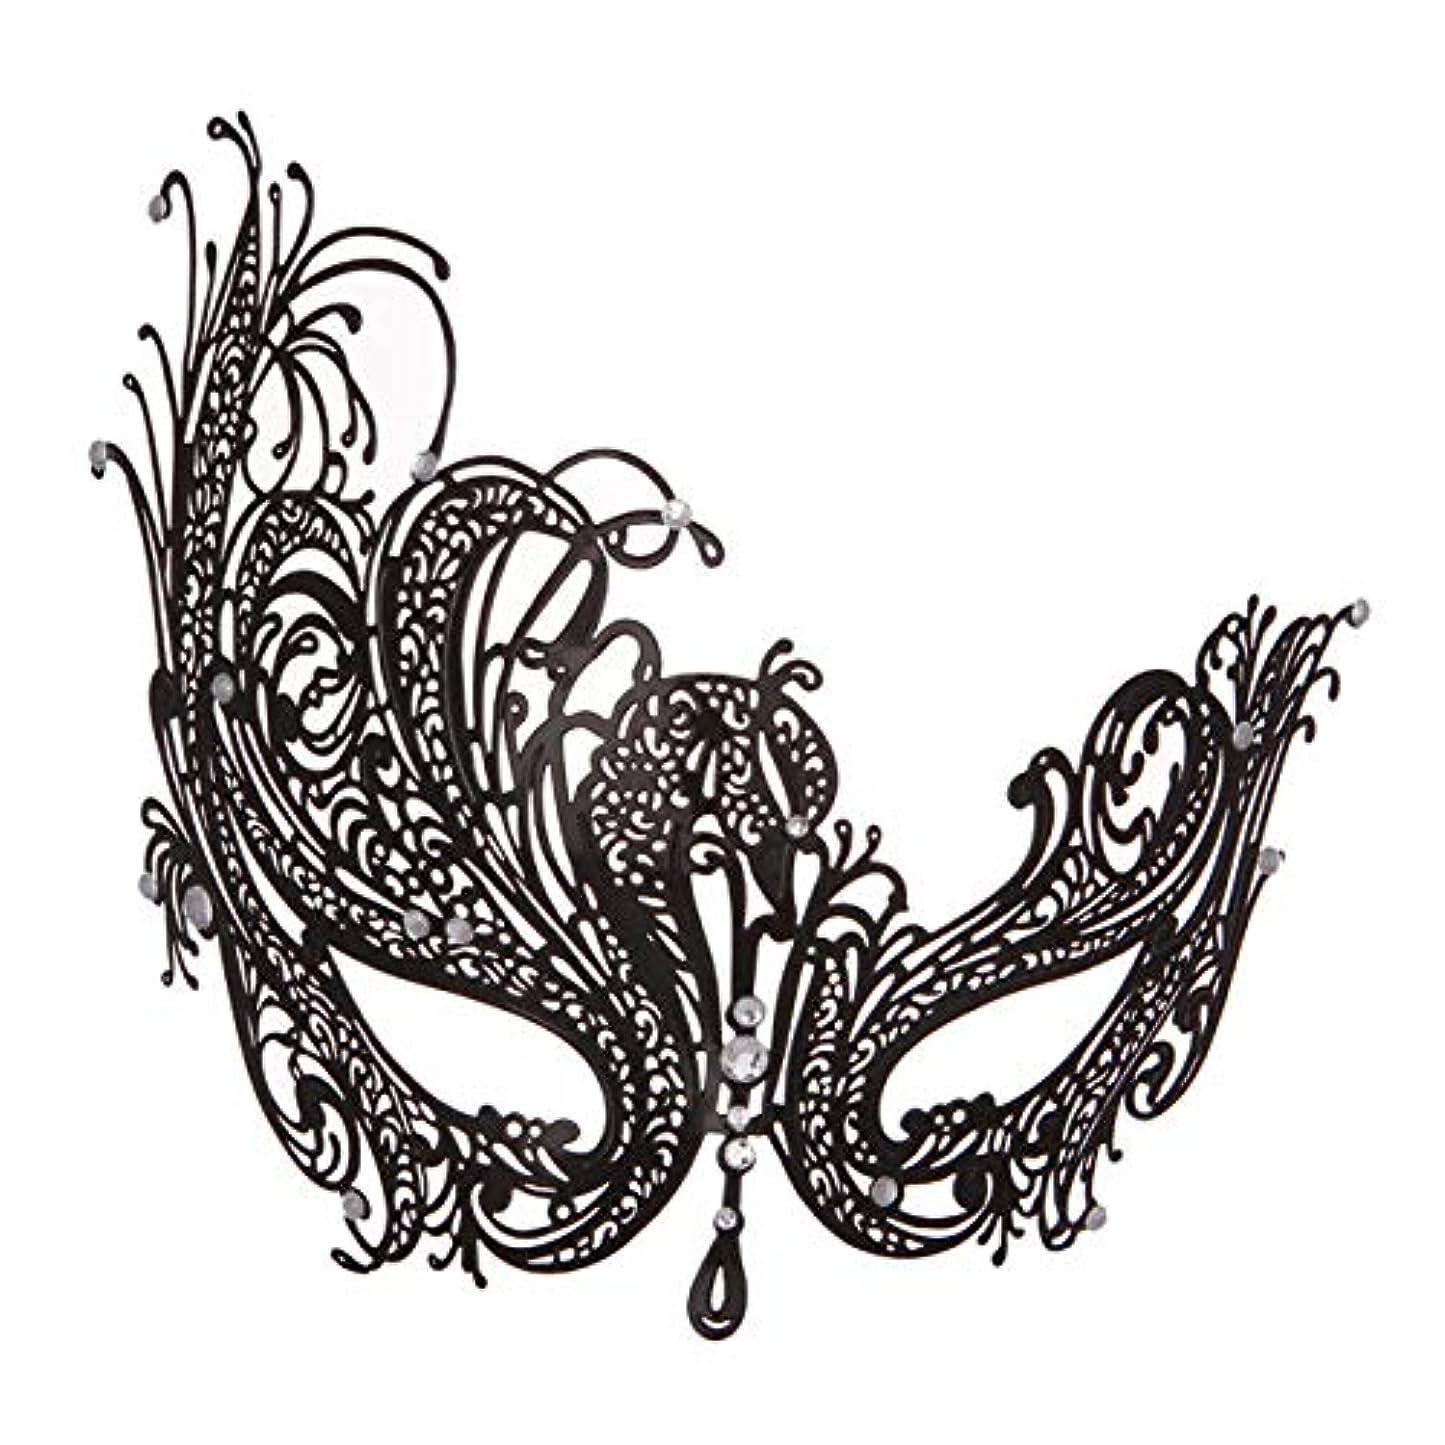 きゅうり飾るパドルマスクダイヤモンドカットアウトマスク金属仮装ハロウィーンマスク